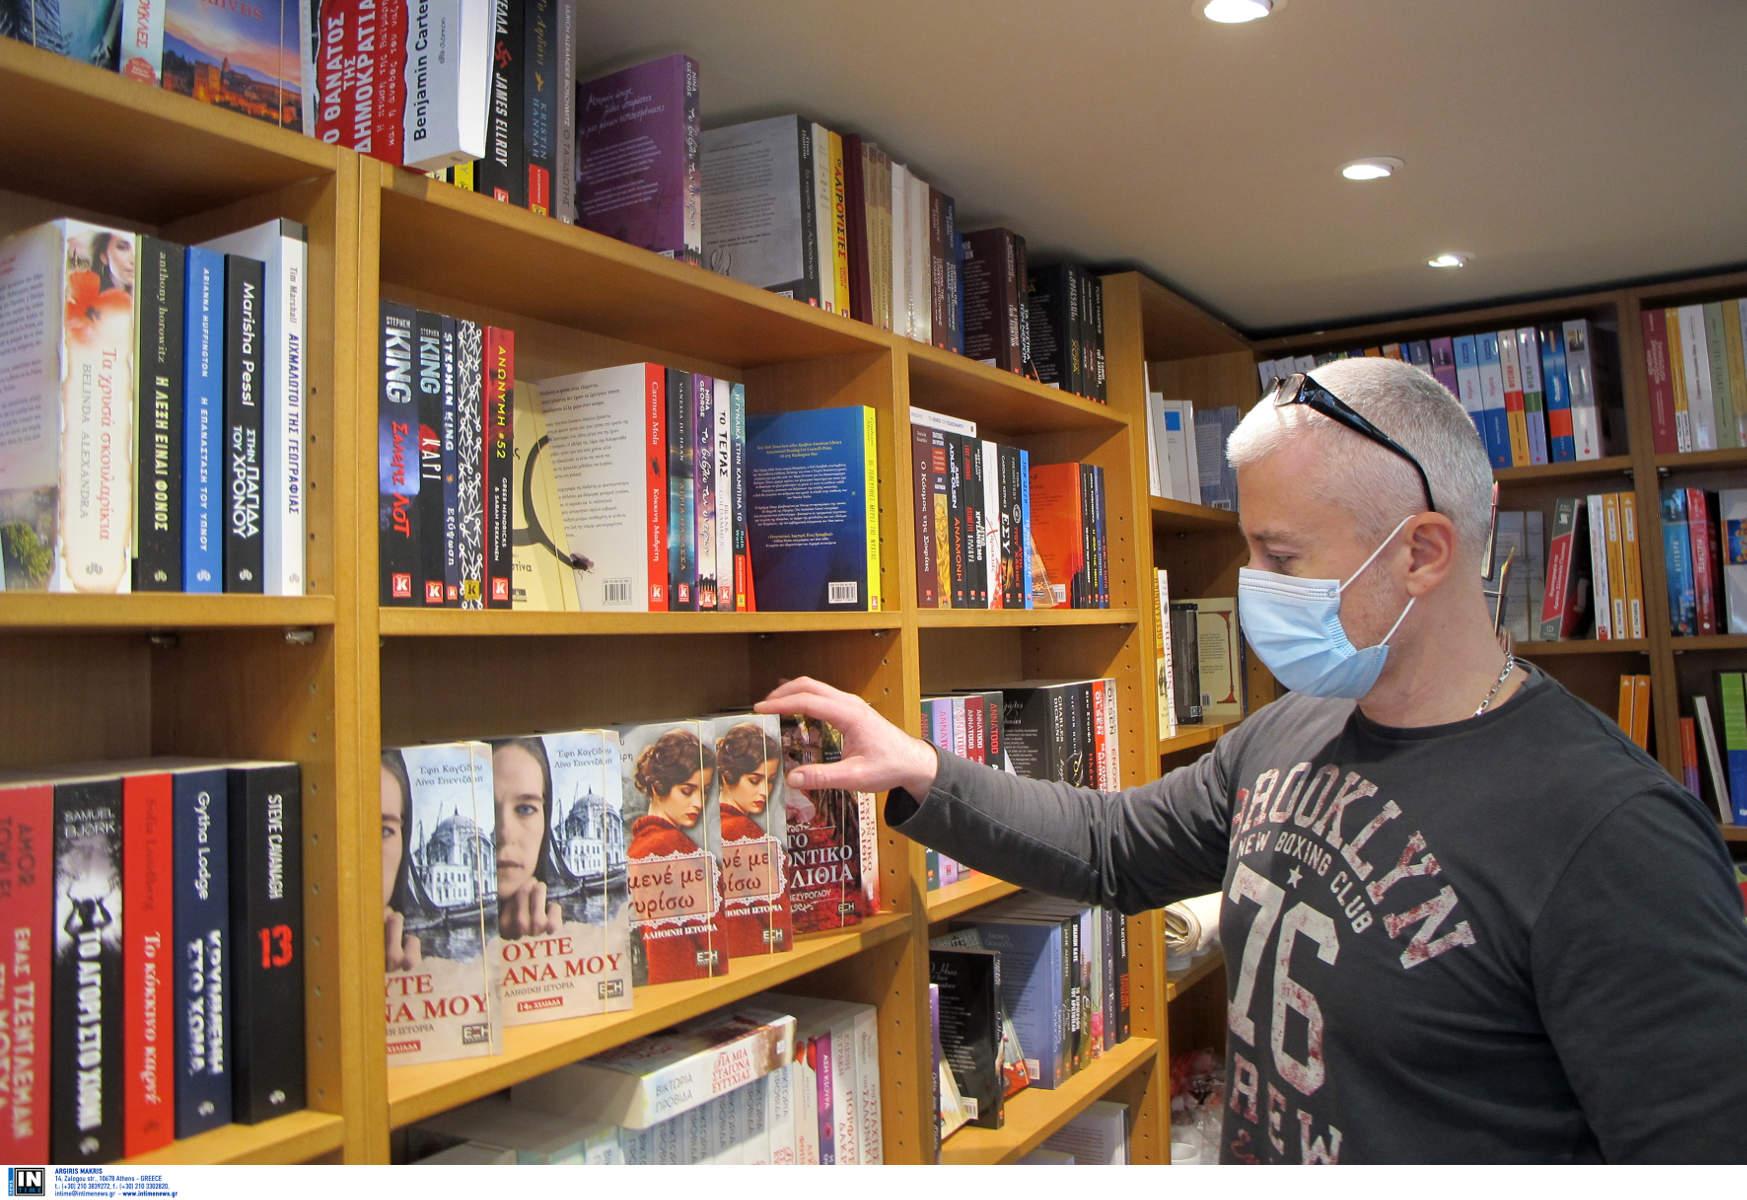 Σε απόγνωση οι εκδότες – Ζητούν να ανοίξουν τα βιβλιοπωλεία τις 7 Δεκεμβρίου